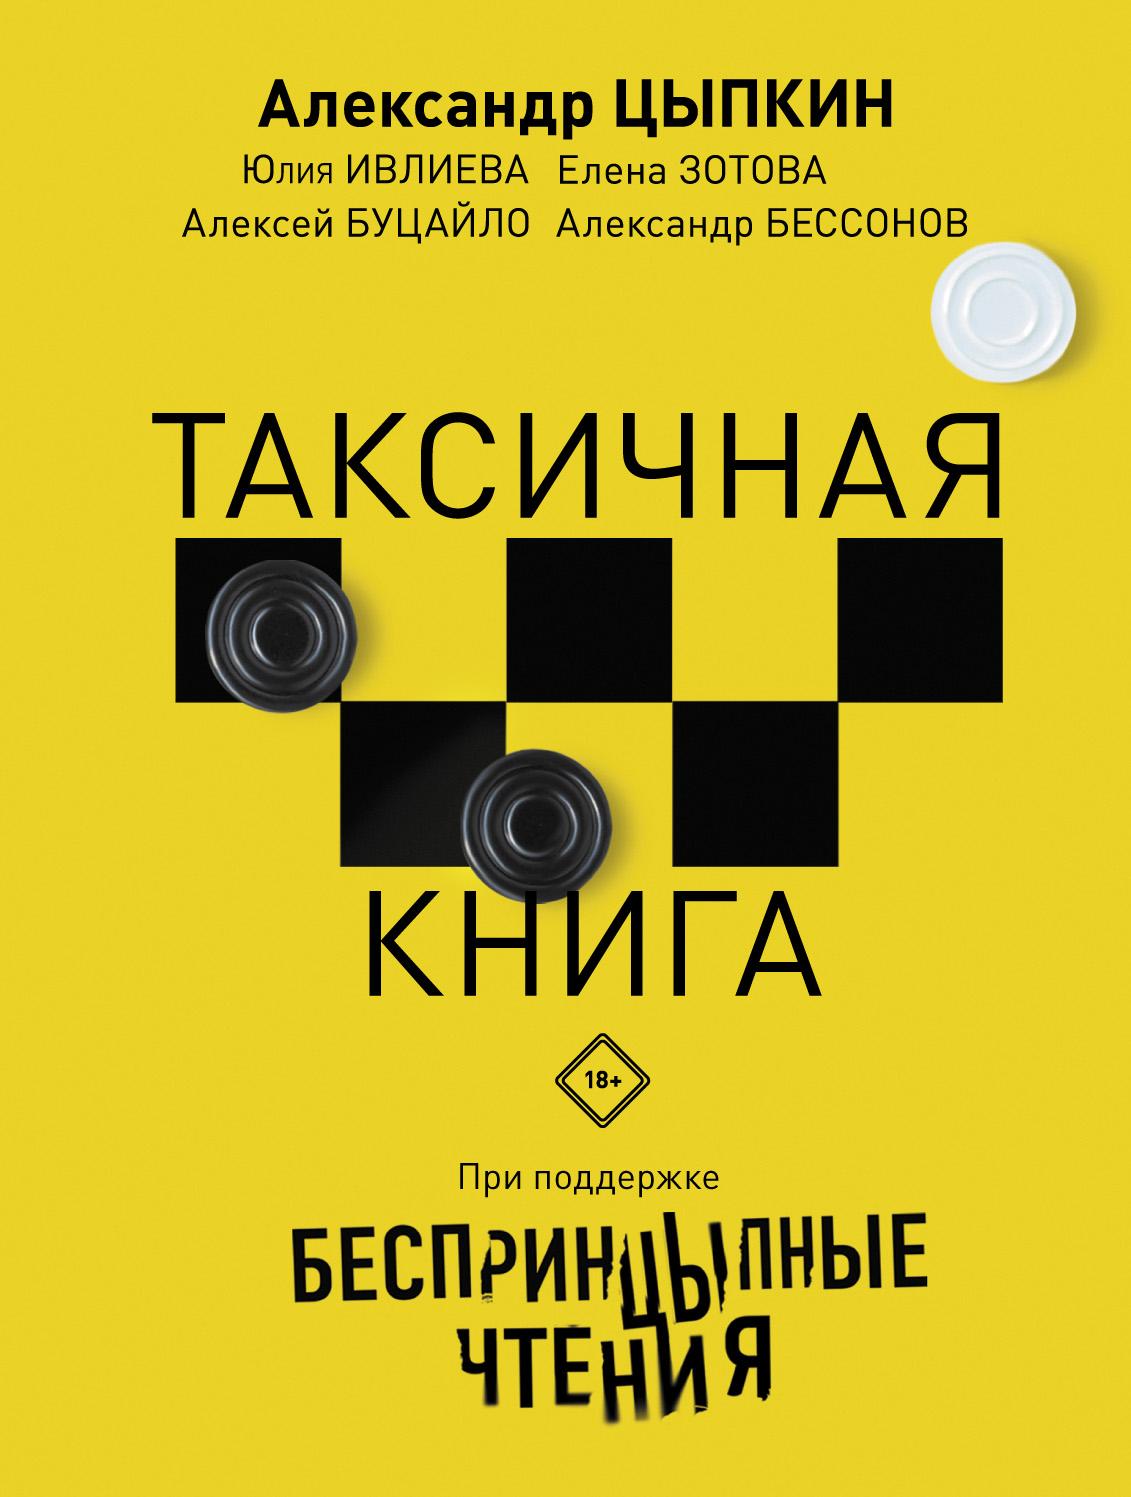 Юлия Ивлиева БеспринцЫпные чтения. ТАКСИчная книга стоимость